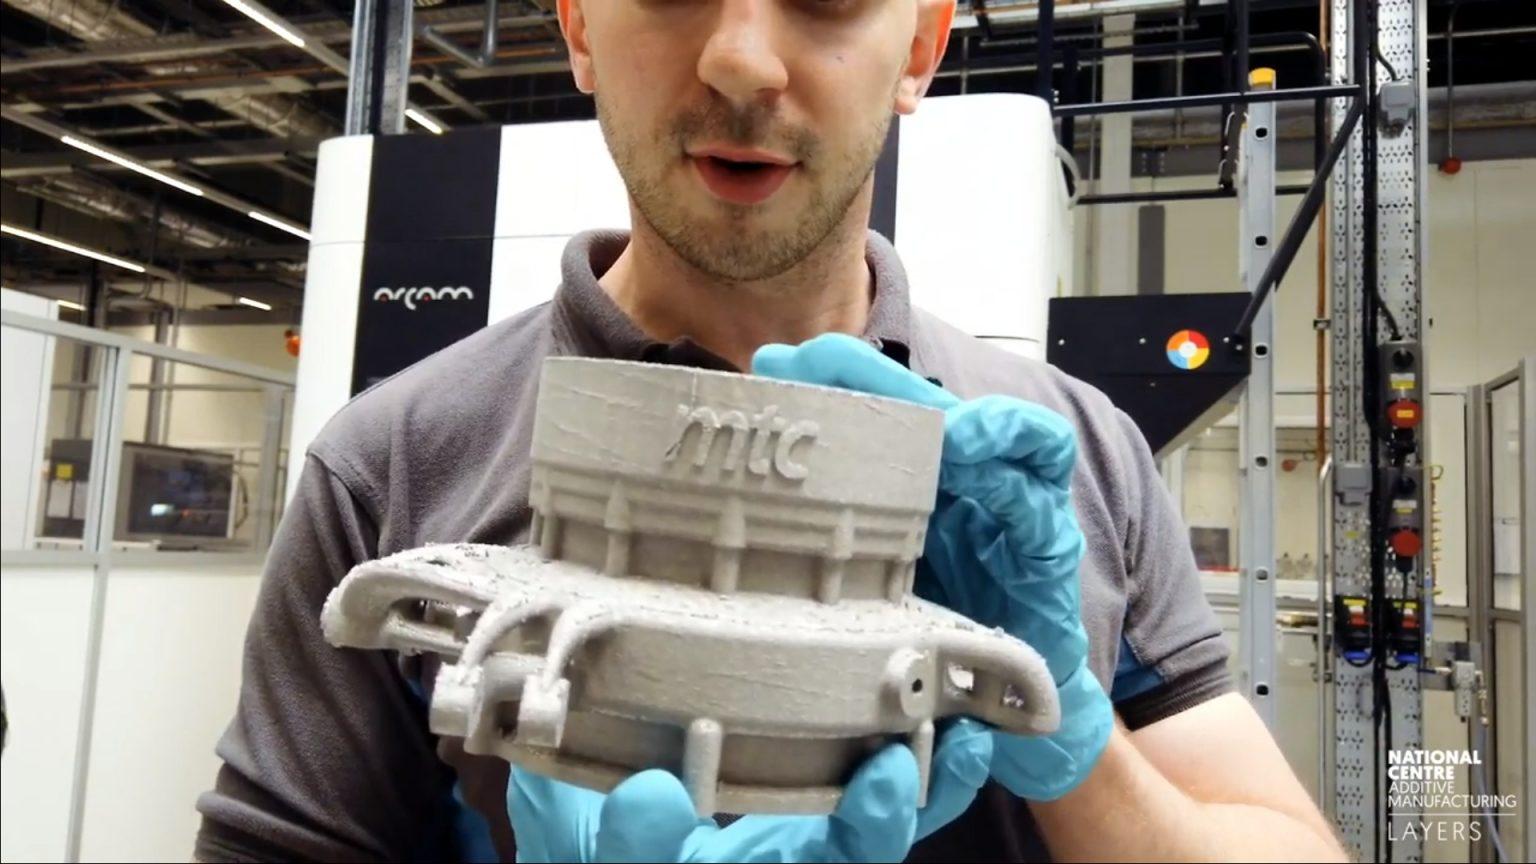 英国国家增材制造中心使用电子束熔化制作高应力汽车零件